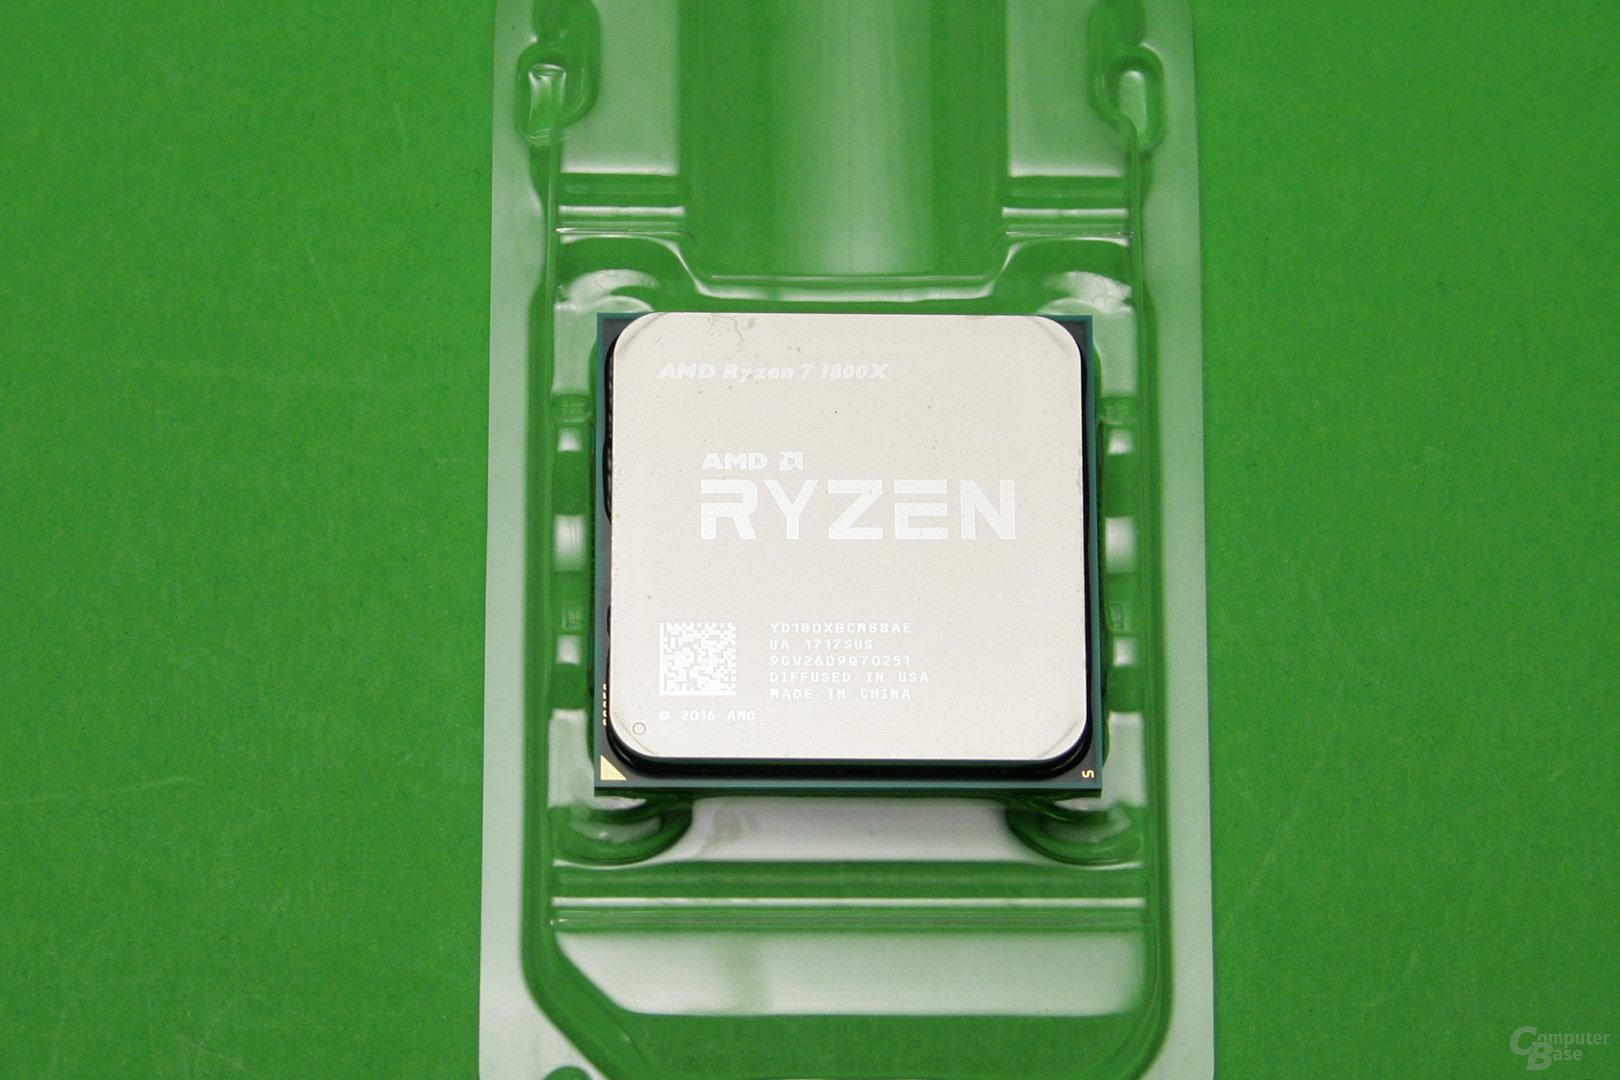 Geradezu winzig: Der Prozessor als Herzstück des PCs wird aus seiner Verpackung entnommen